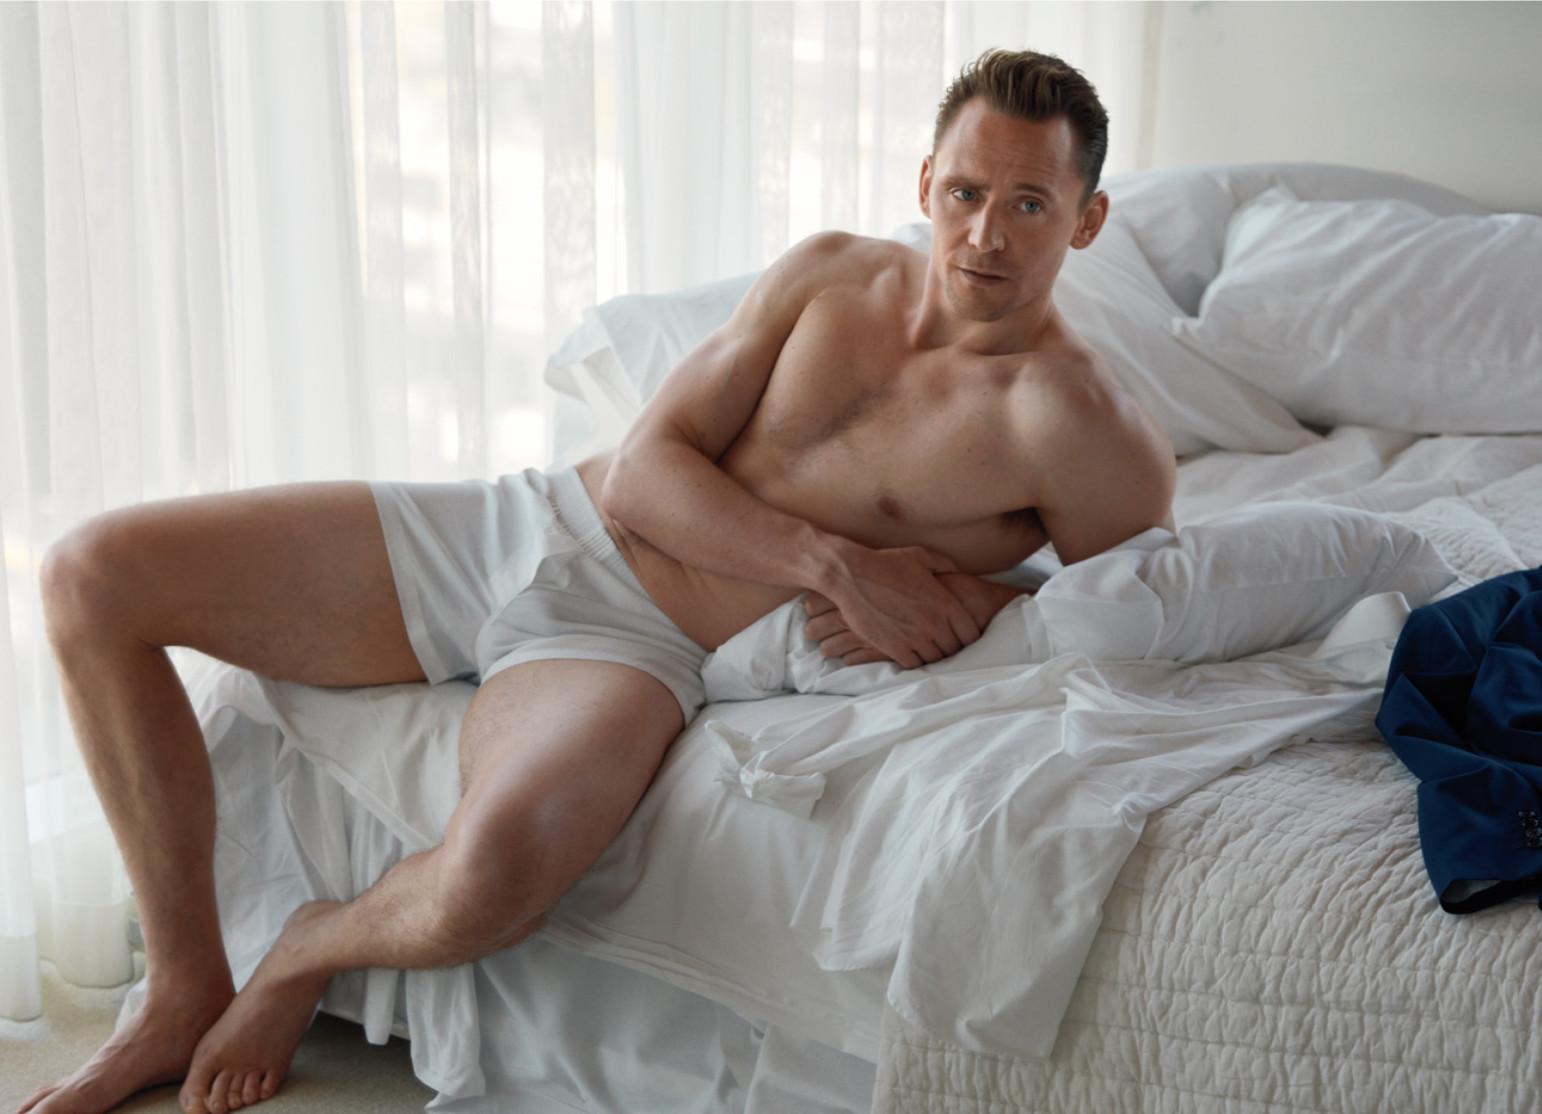 Tom Hiddleston by Mona Kuhn (1)